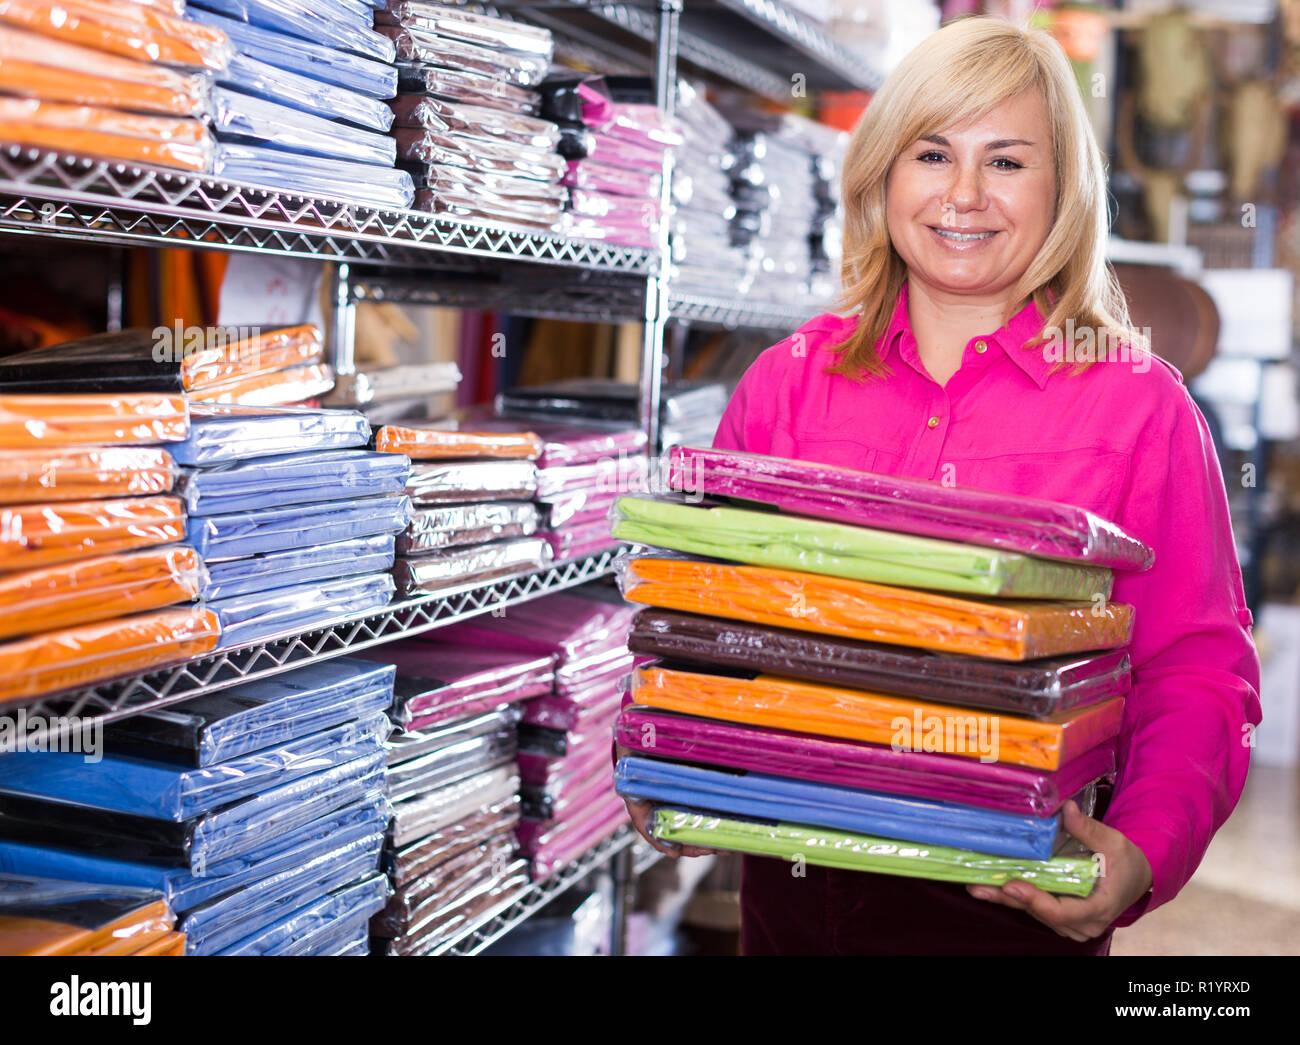 Portrait von reife Frau zeigt Stapel Bettlaken in der Textil shop Stockfoto